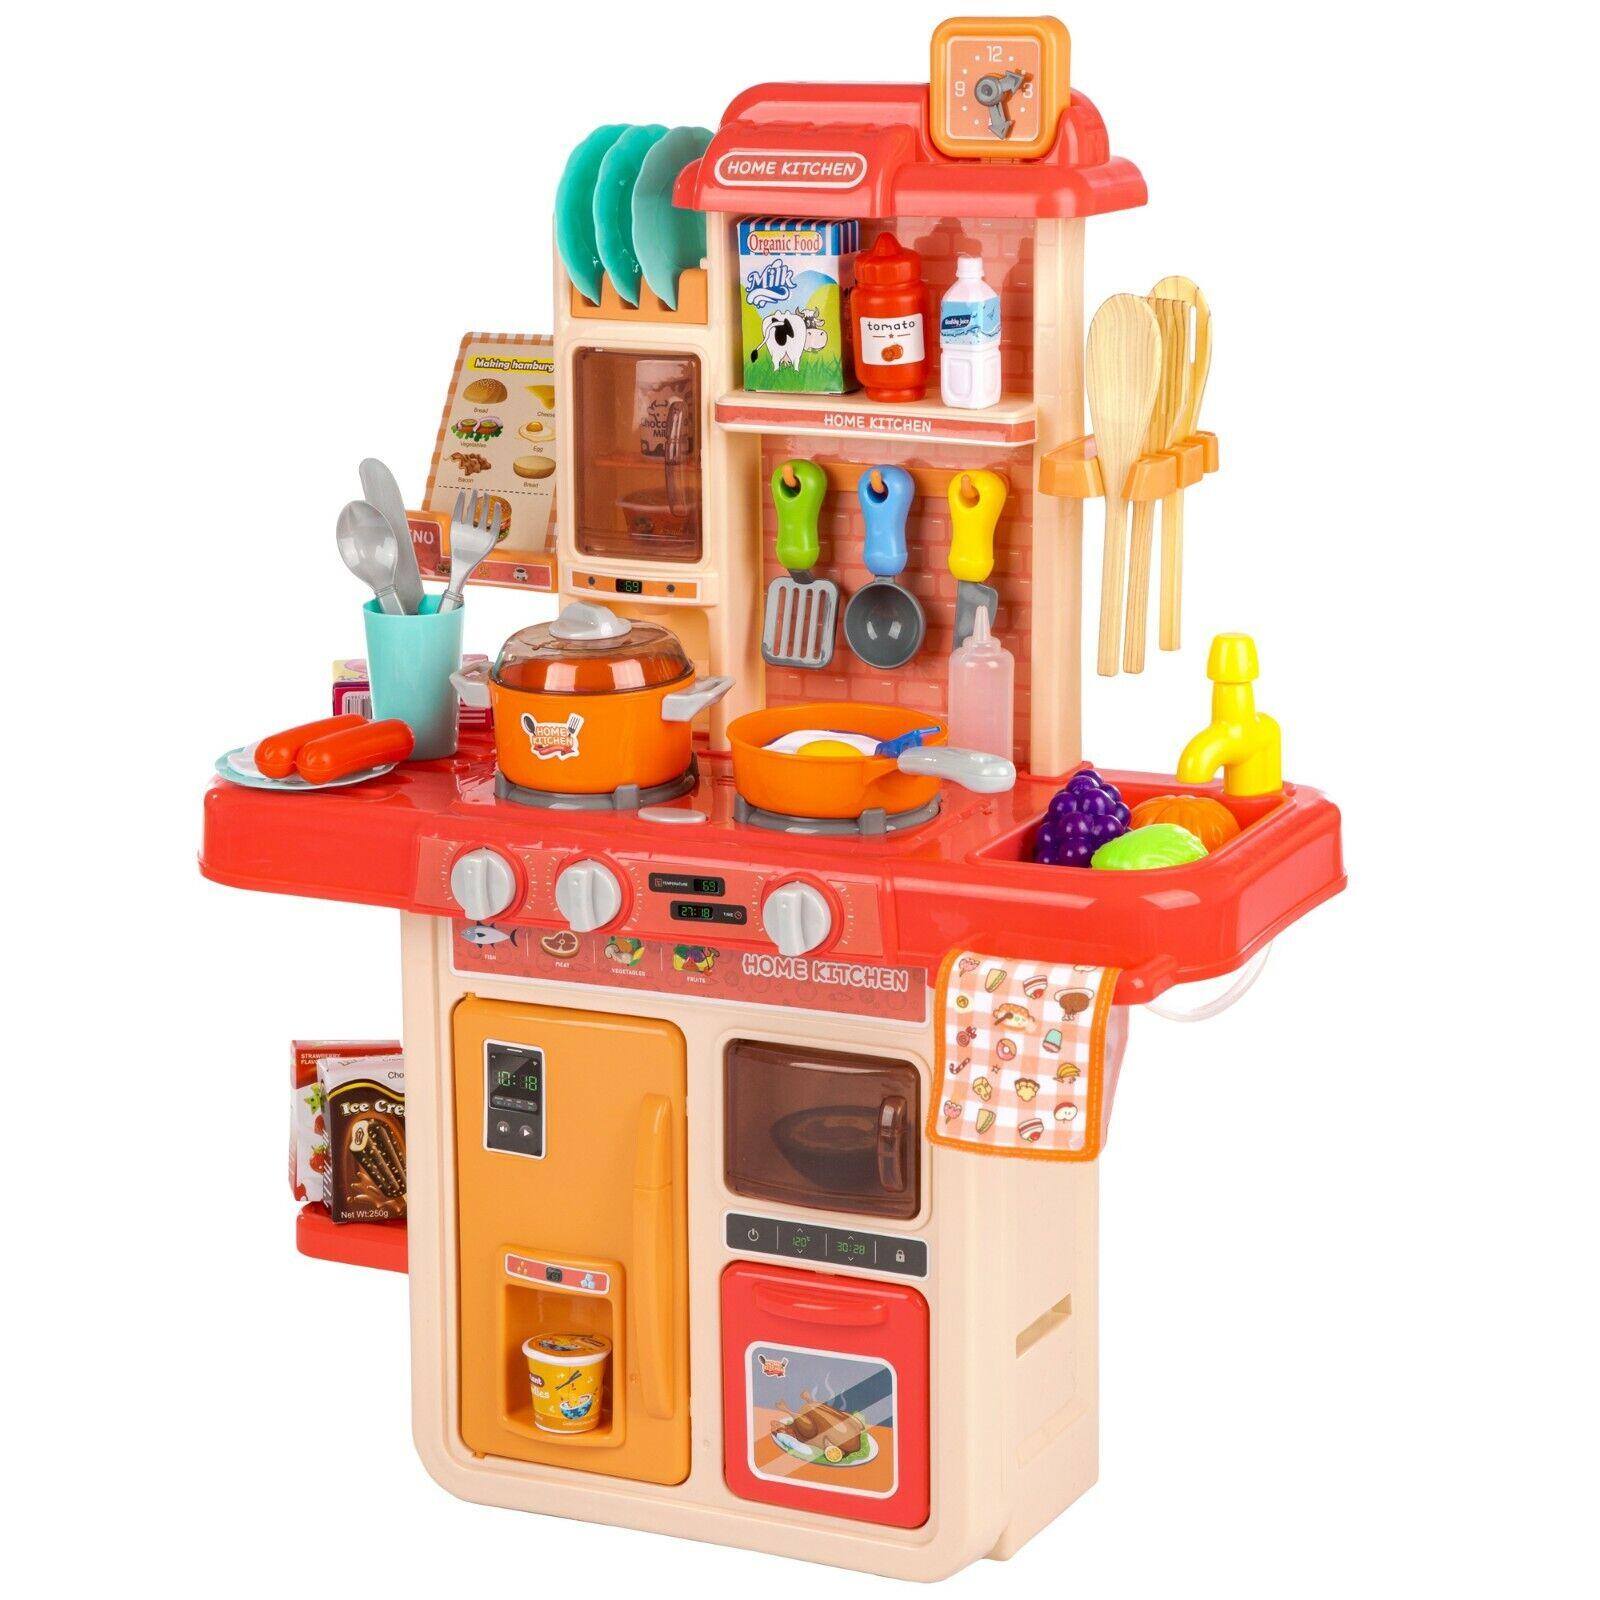 Kinderküche Spielküche Spielzeug Zubehör Küche KP5447 mit Zubehör Zubehörteile